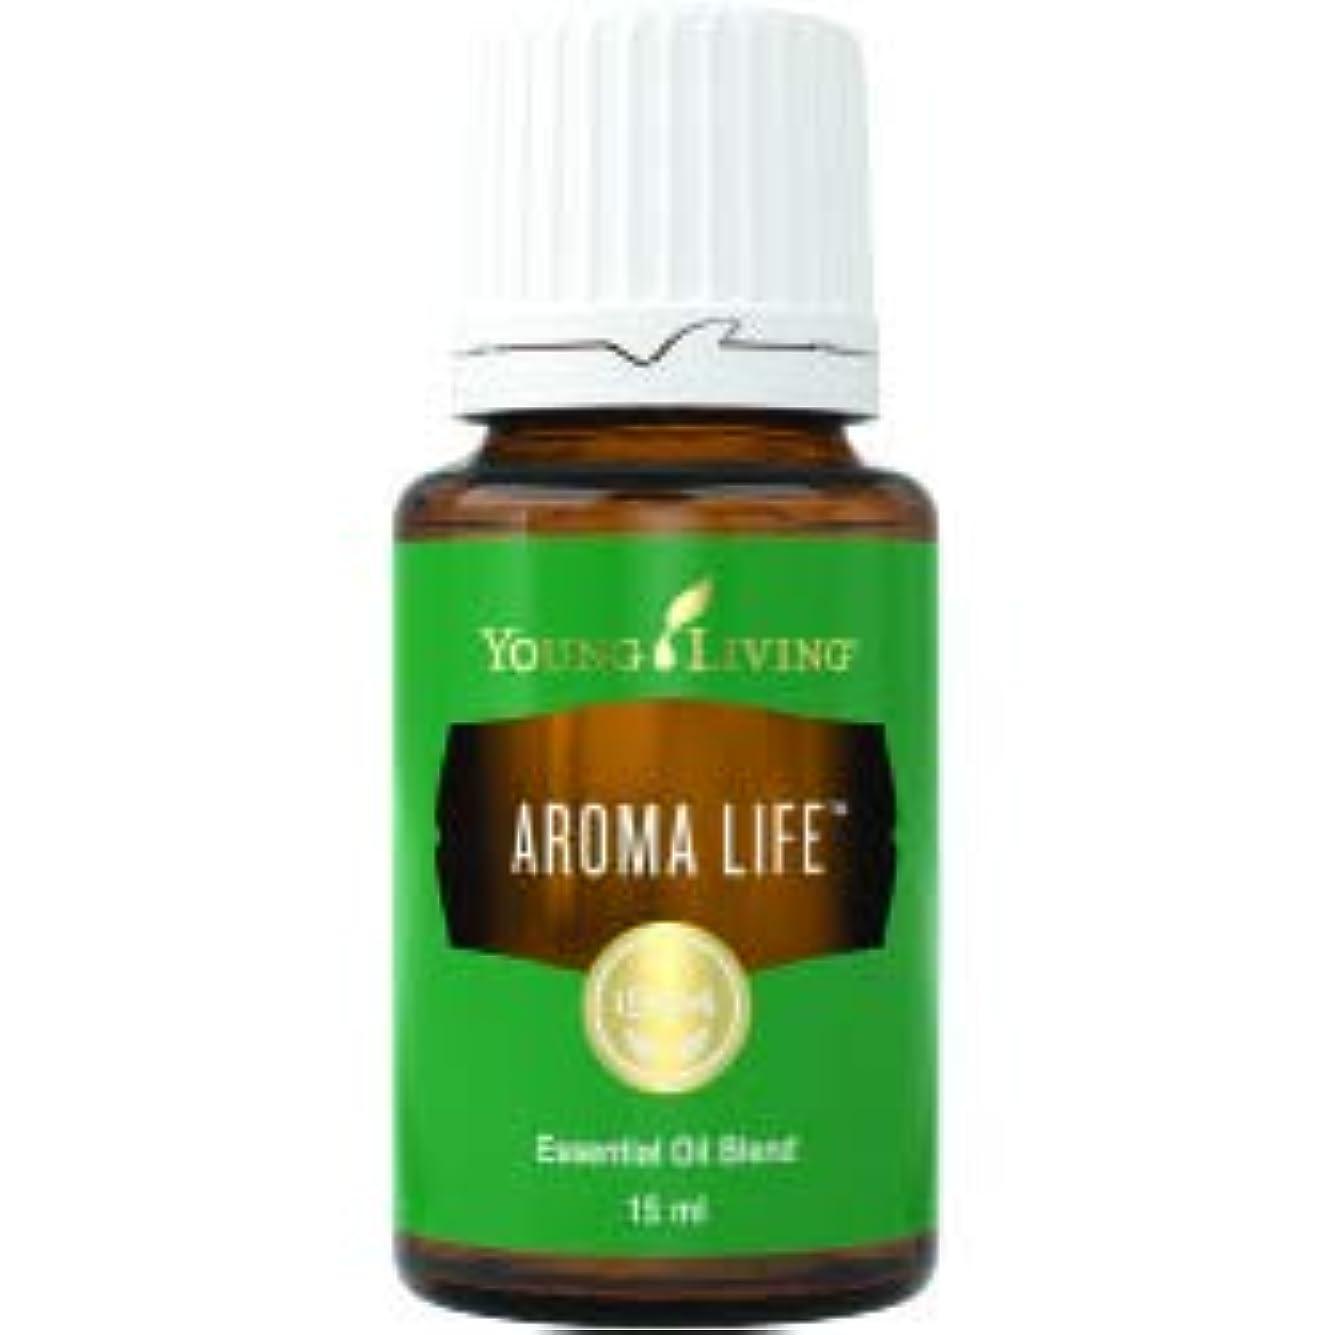 変動するすり減る恥アロマライフ™は、イランイランの調和効果と既知の大手サイプレス、ヘリクリサム、マジョラムを組み合わせたものです。オイルブレンドはあなたの生命力を活性化し、リラックスをもたらします Aroma Life Essential...